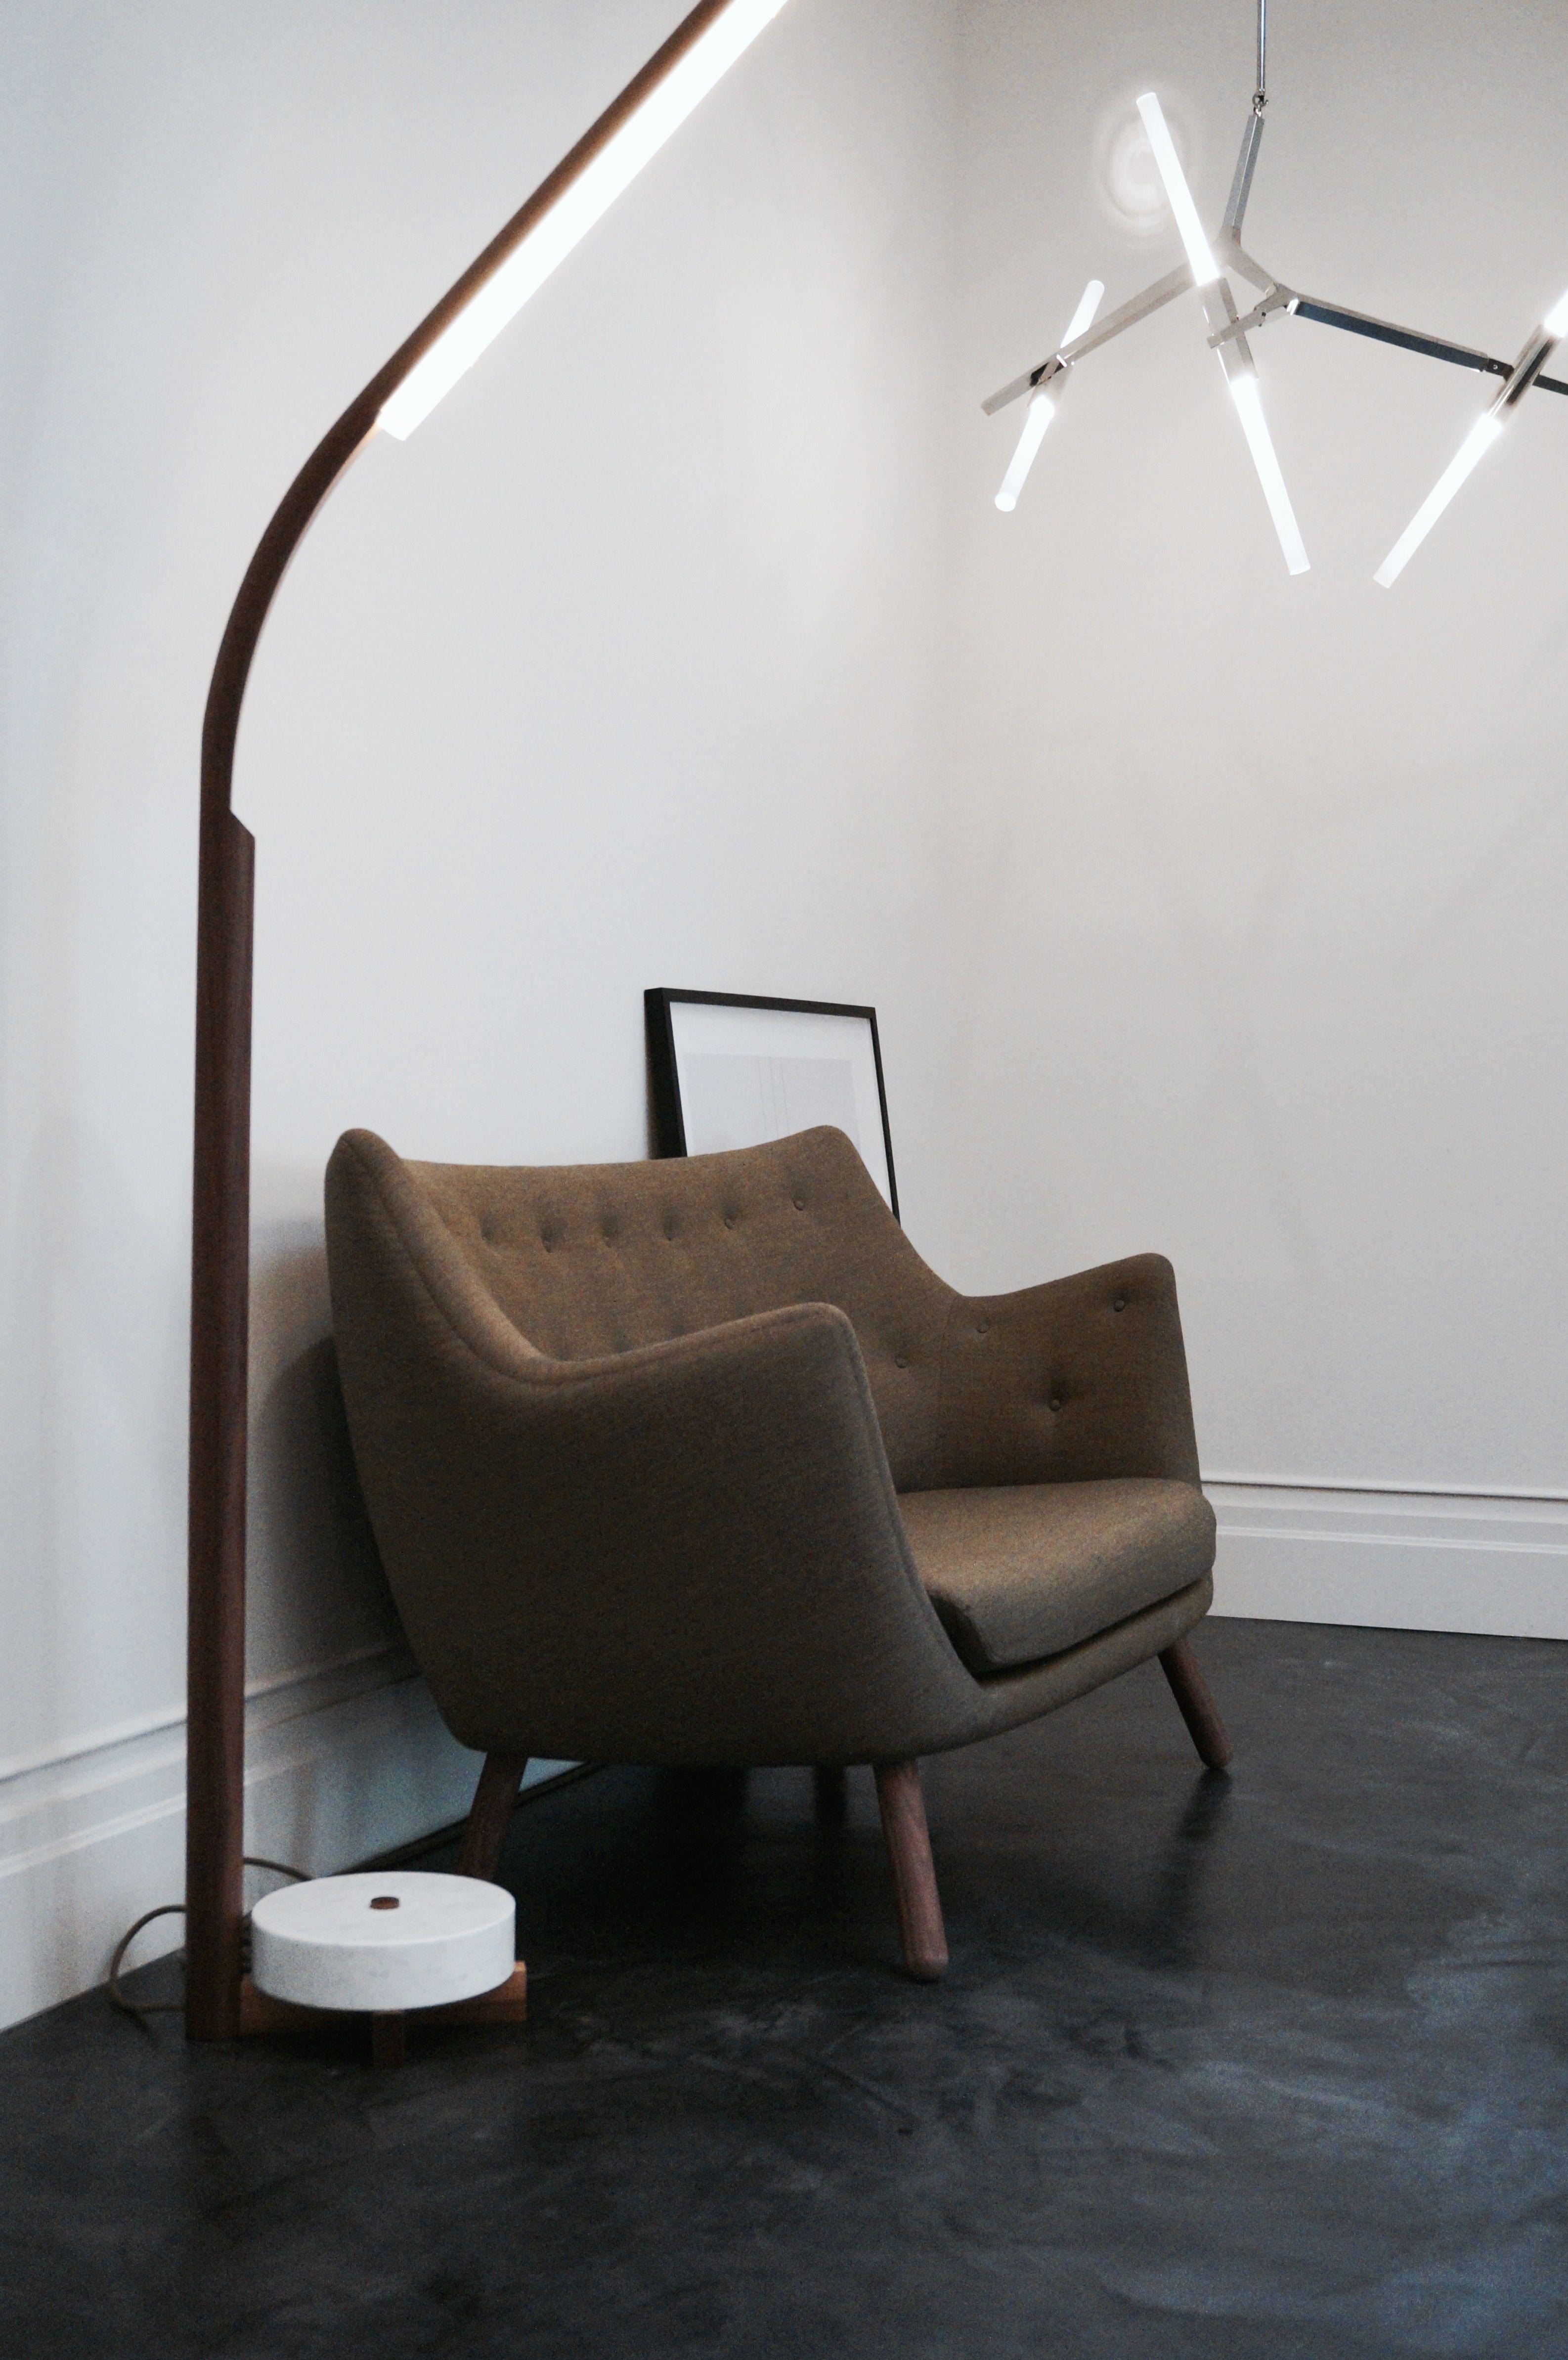 Stunning Danish Furniture Design. Finn Juhl Designed The Poet Sofa In 1941.  Black Floor